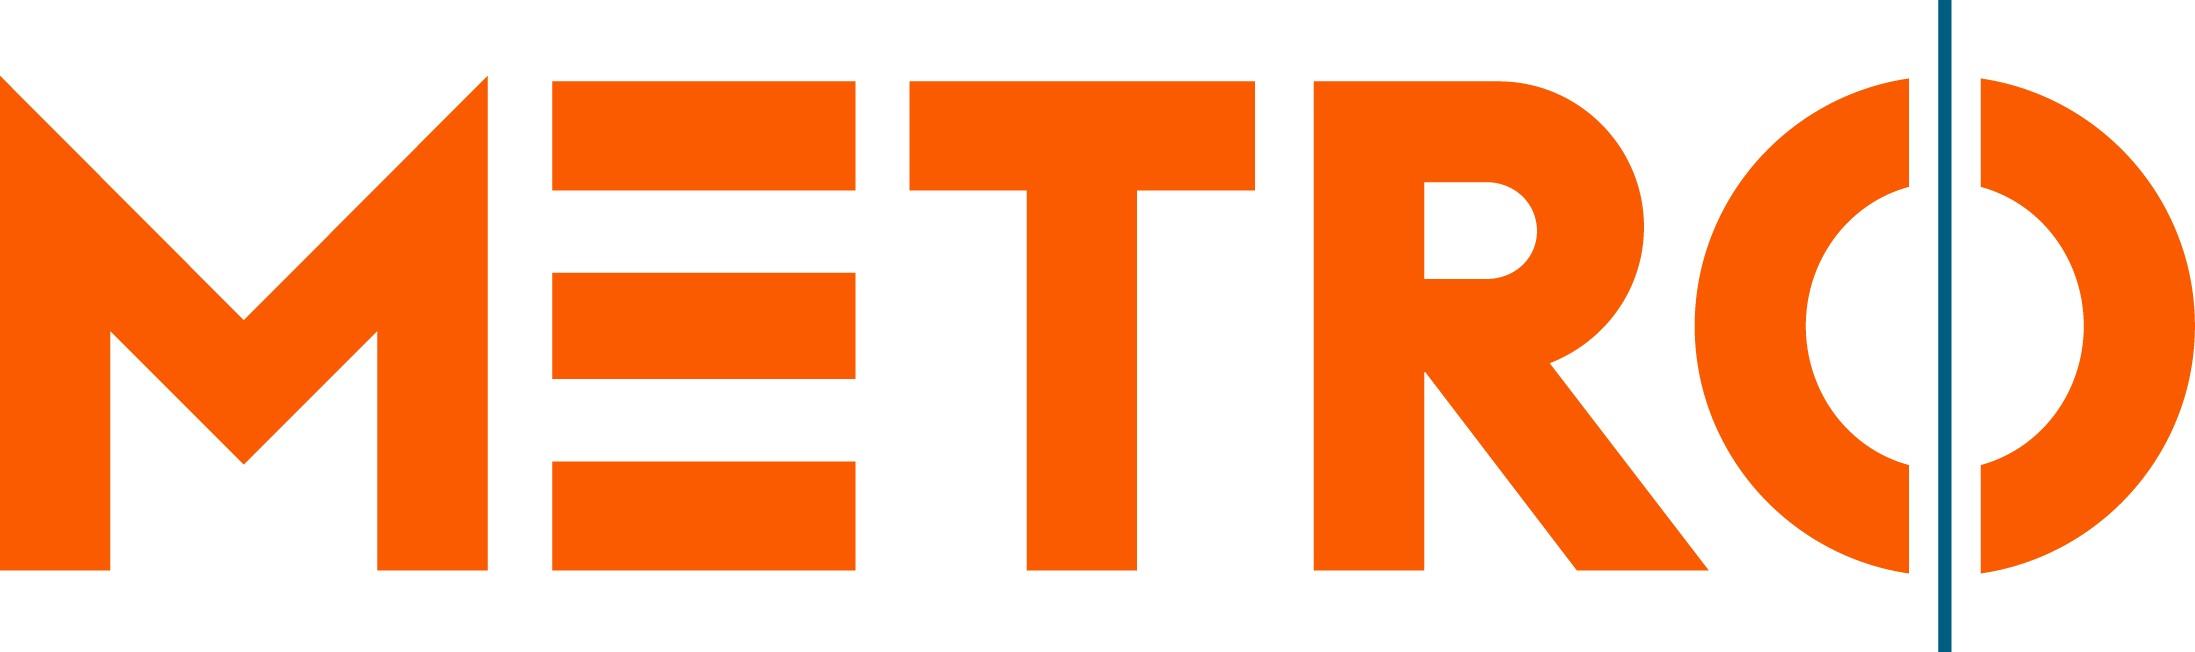 METRO_logotyp